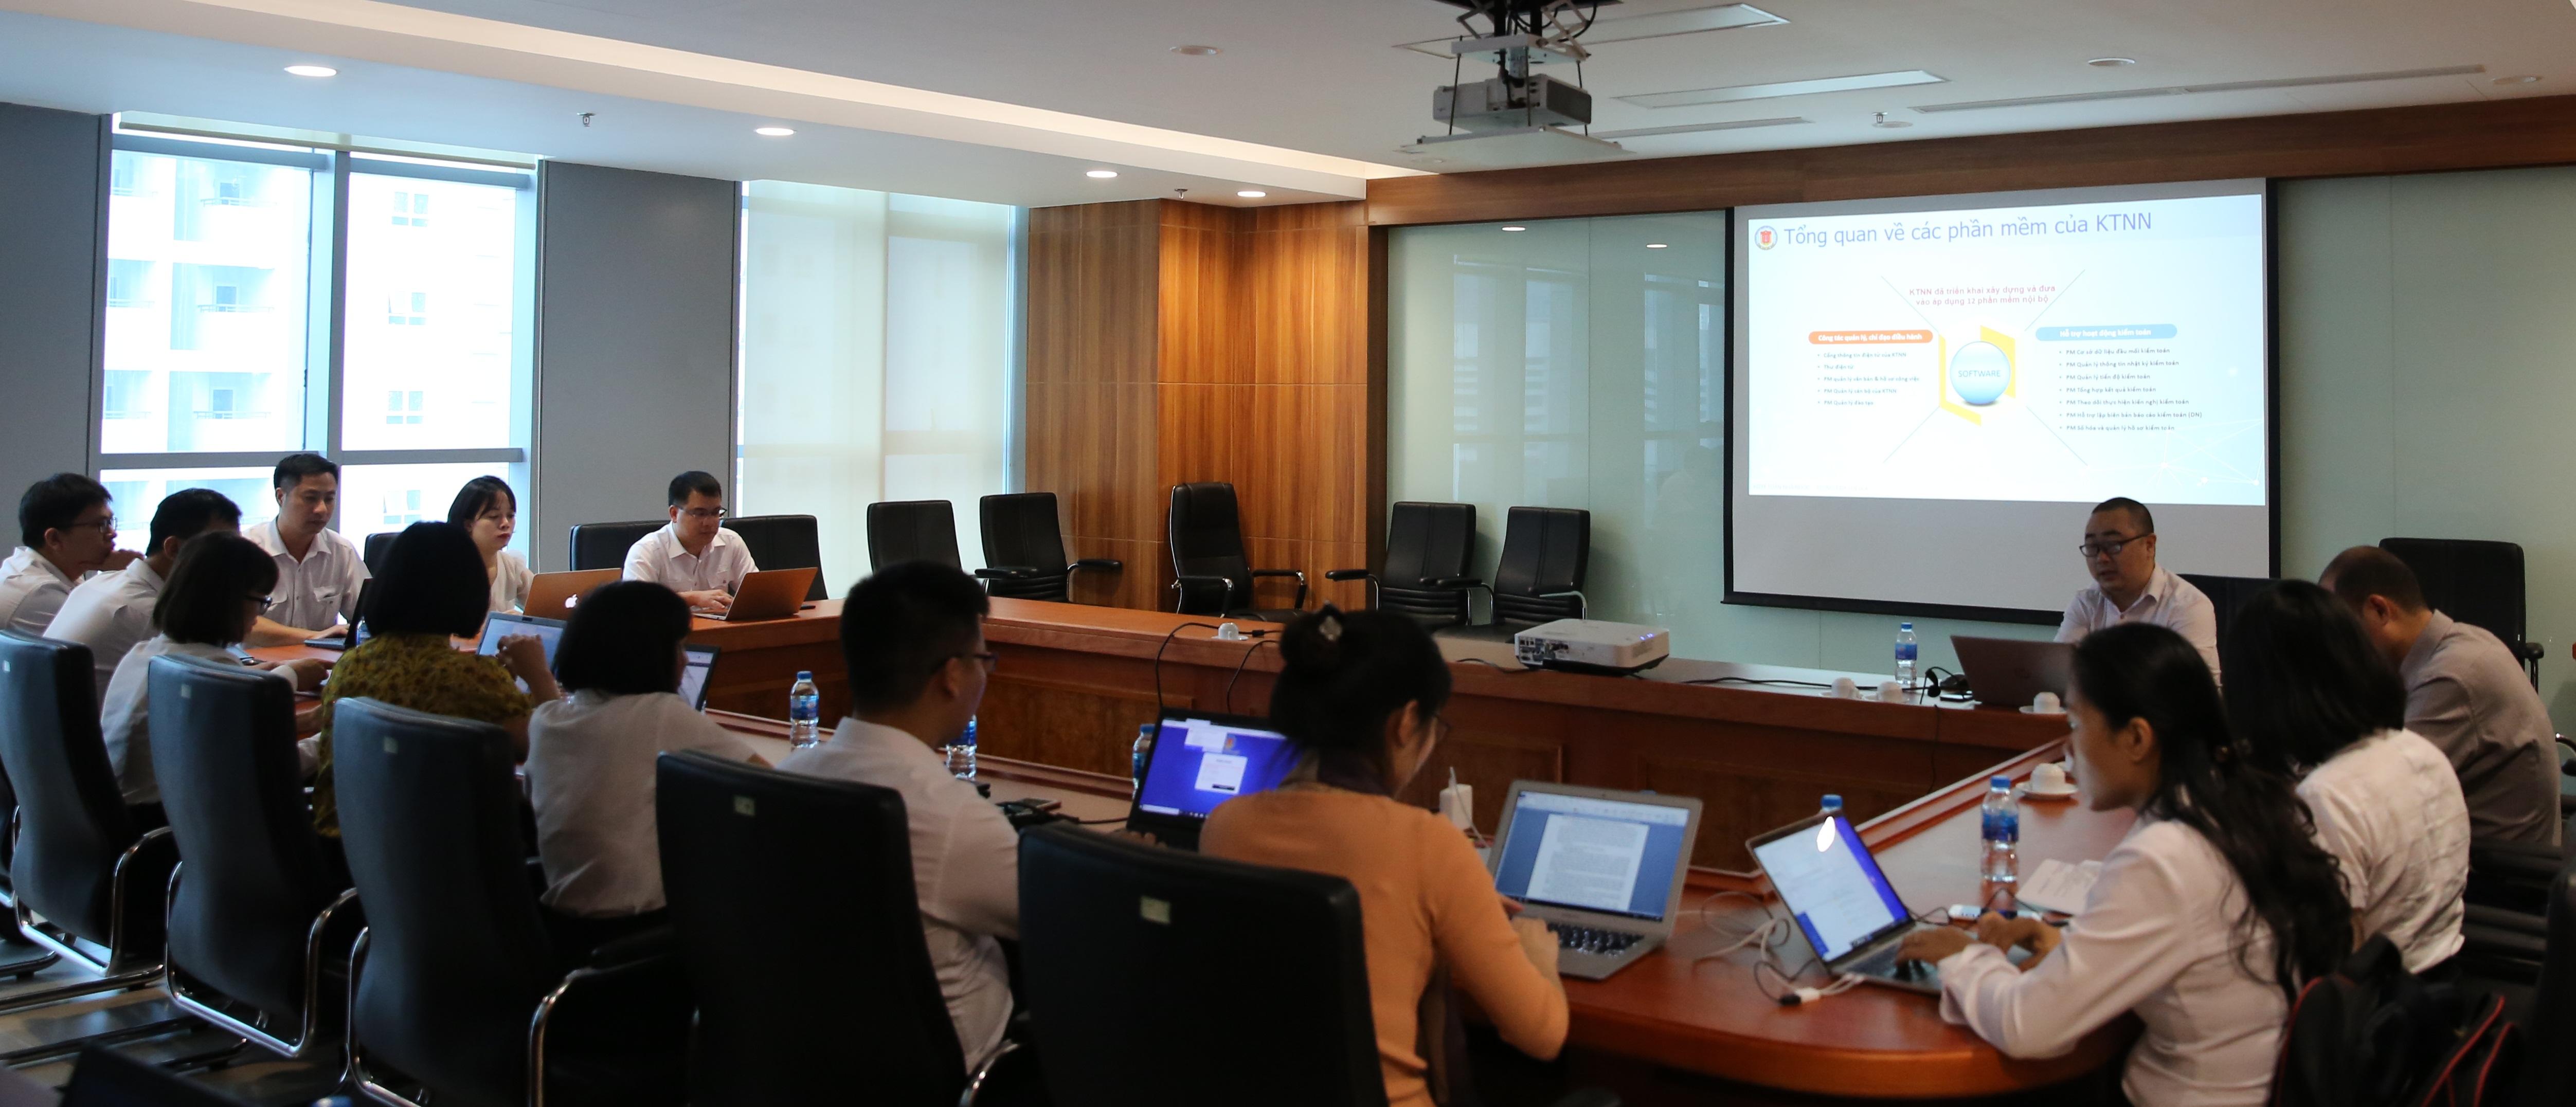 Khai giảng lớp Hướng dẫn sử dụng phần mềm quản lý tiến độ, tổng hợp kết quả kiểm toán